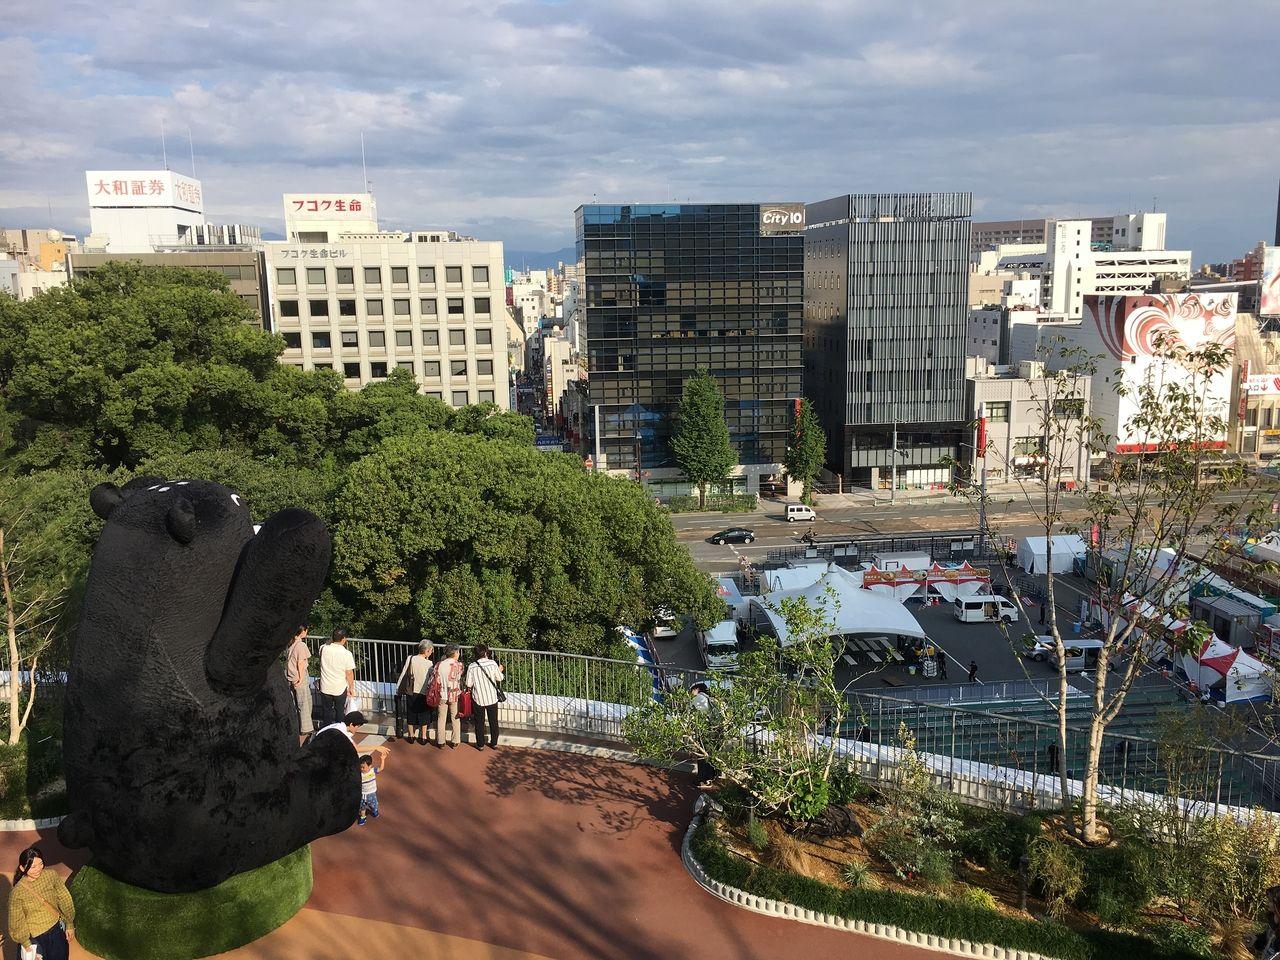 サクラマチ ガーデンから街中を見下ろすクマモン